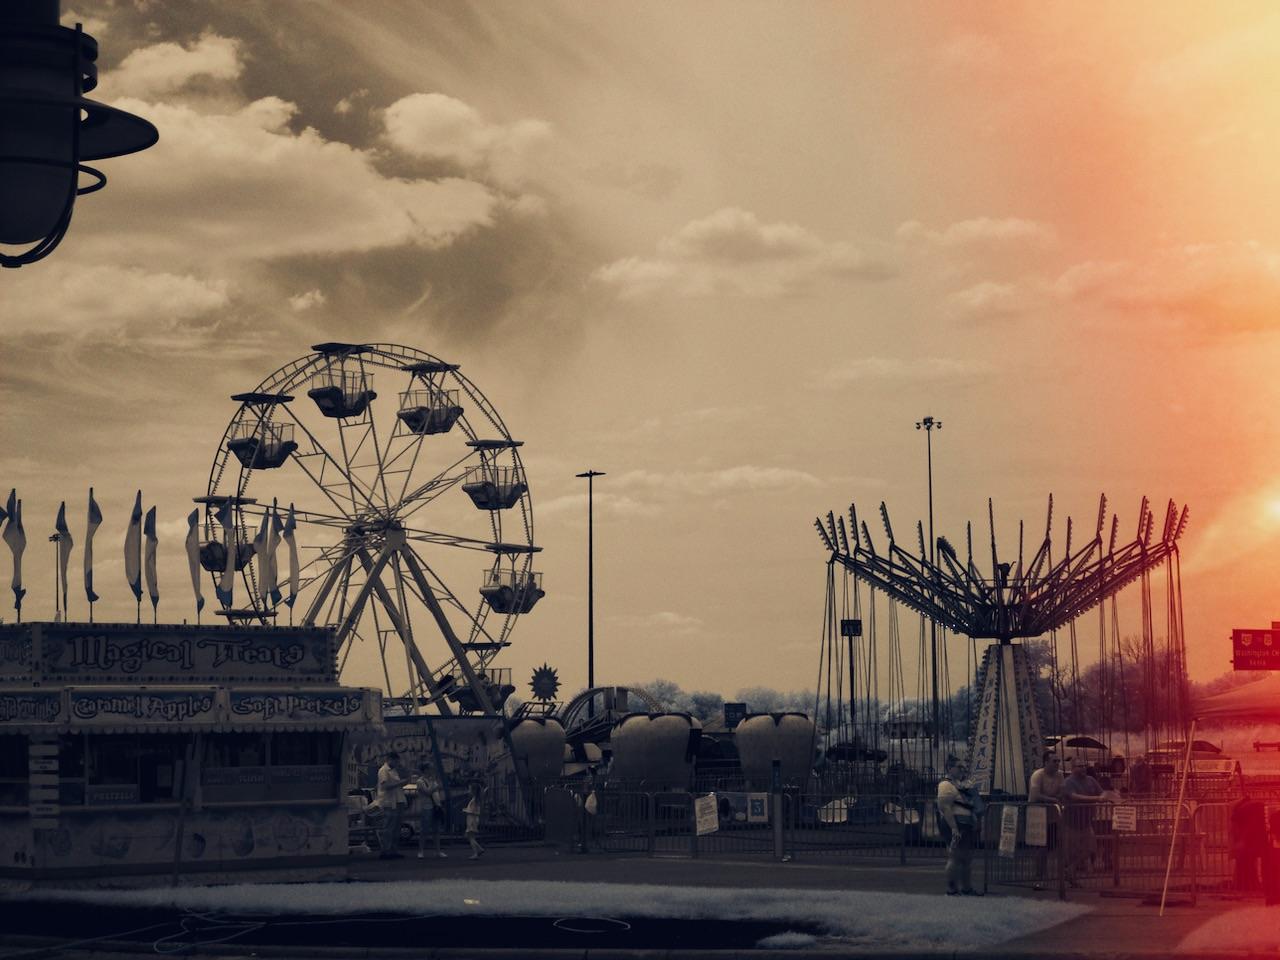 Fairground equipment